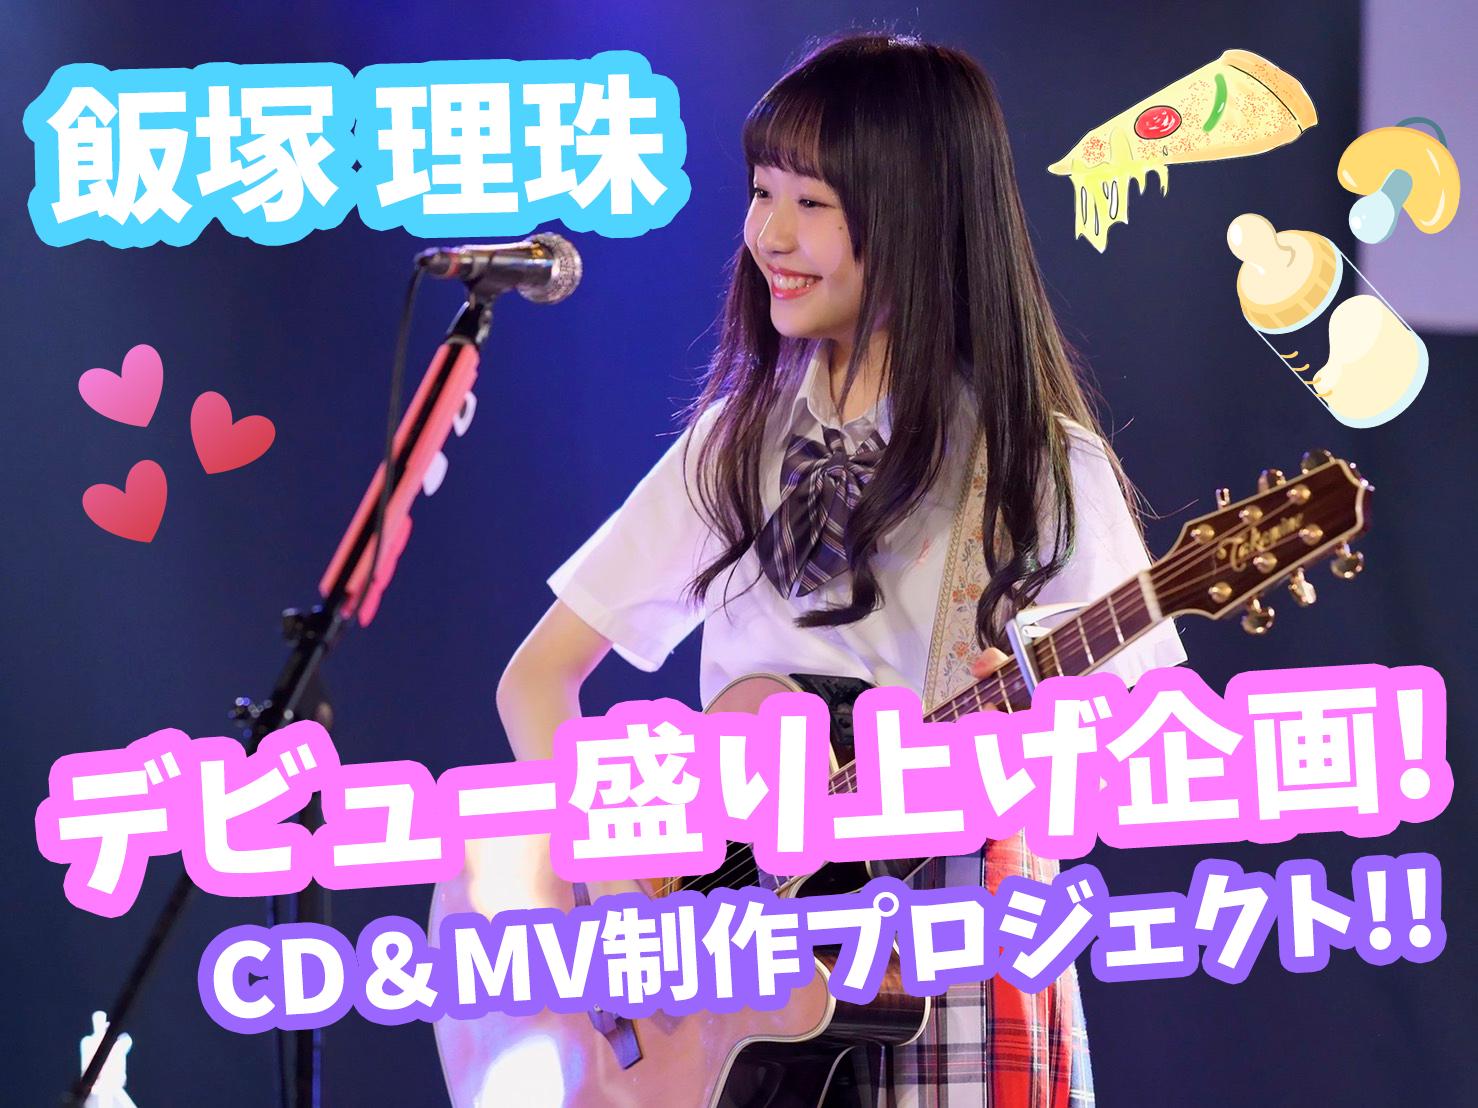 【飯塚理珠】デビュー盛り上げ企画!CD制作&MV制作プロジェクト!